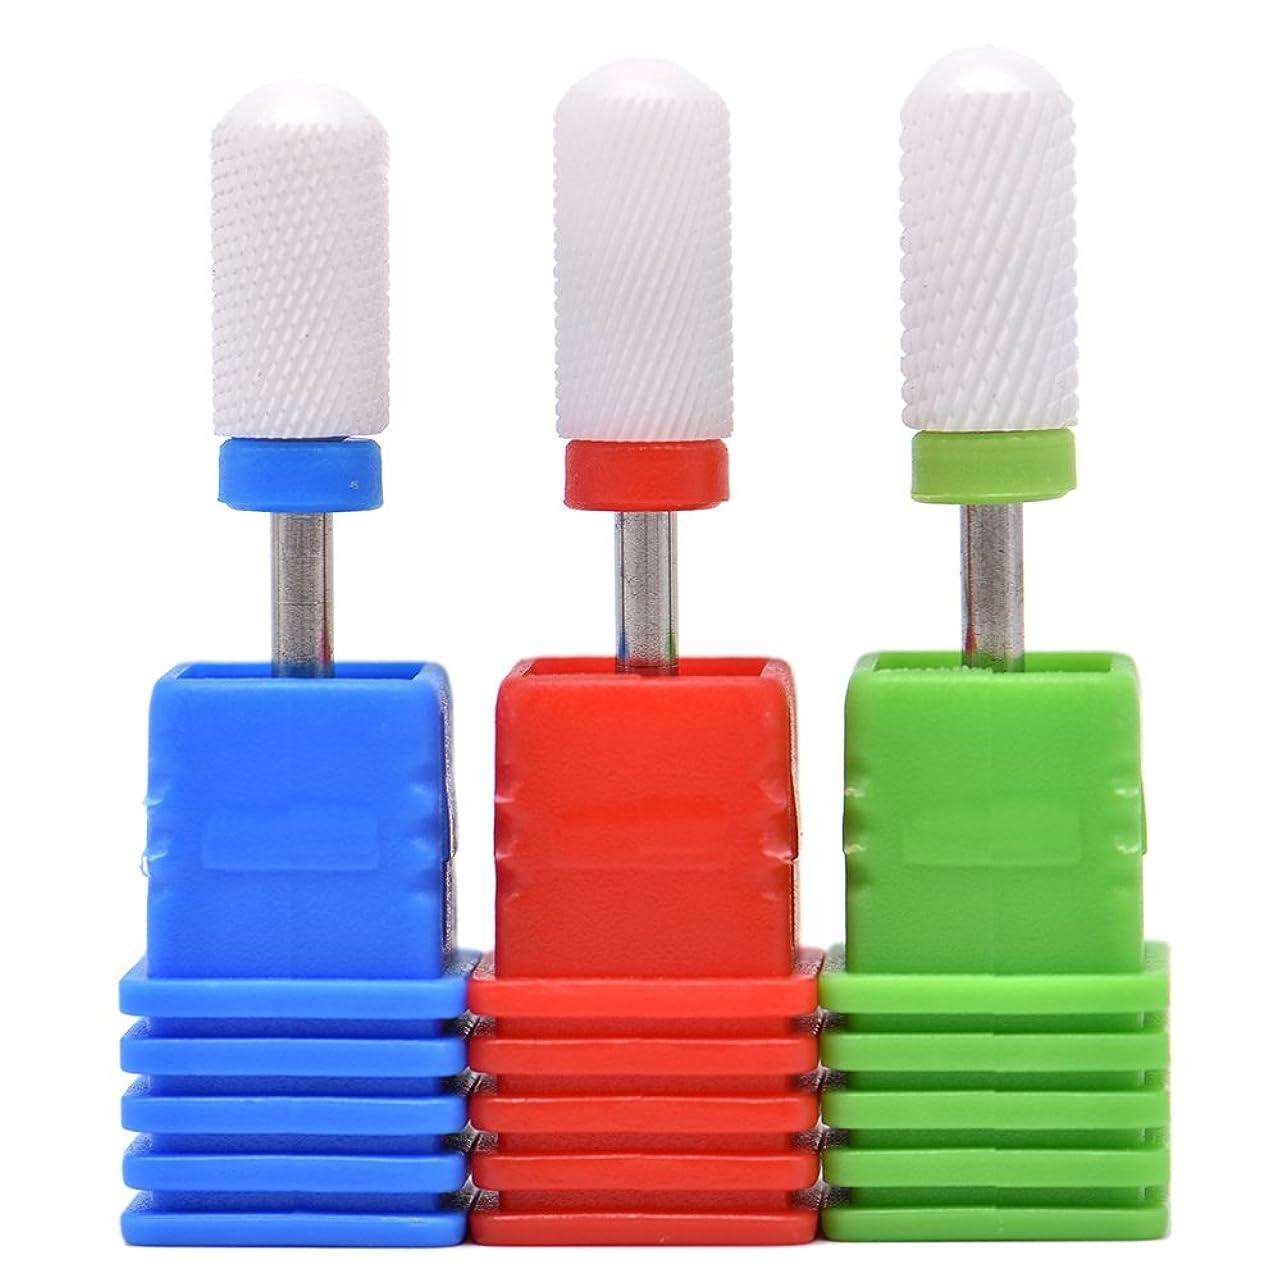 完璧賢明な学ぶOral Dentistry ネイルアート ドリルビット 丸い 研磨ヘッド ネイル グラインド ヘッド 爪 磨き 研磨 研削 セラミック 全3色 (レッドF(微研削)+グリーンC(粗研削)+ブルーM(中仕上げ))